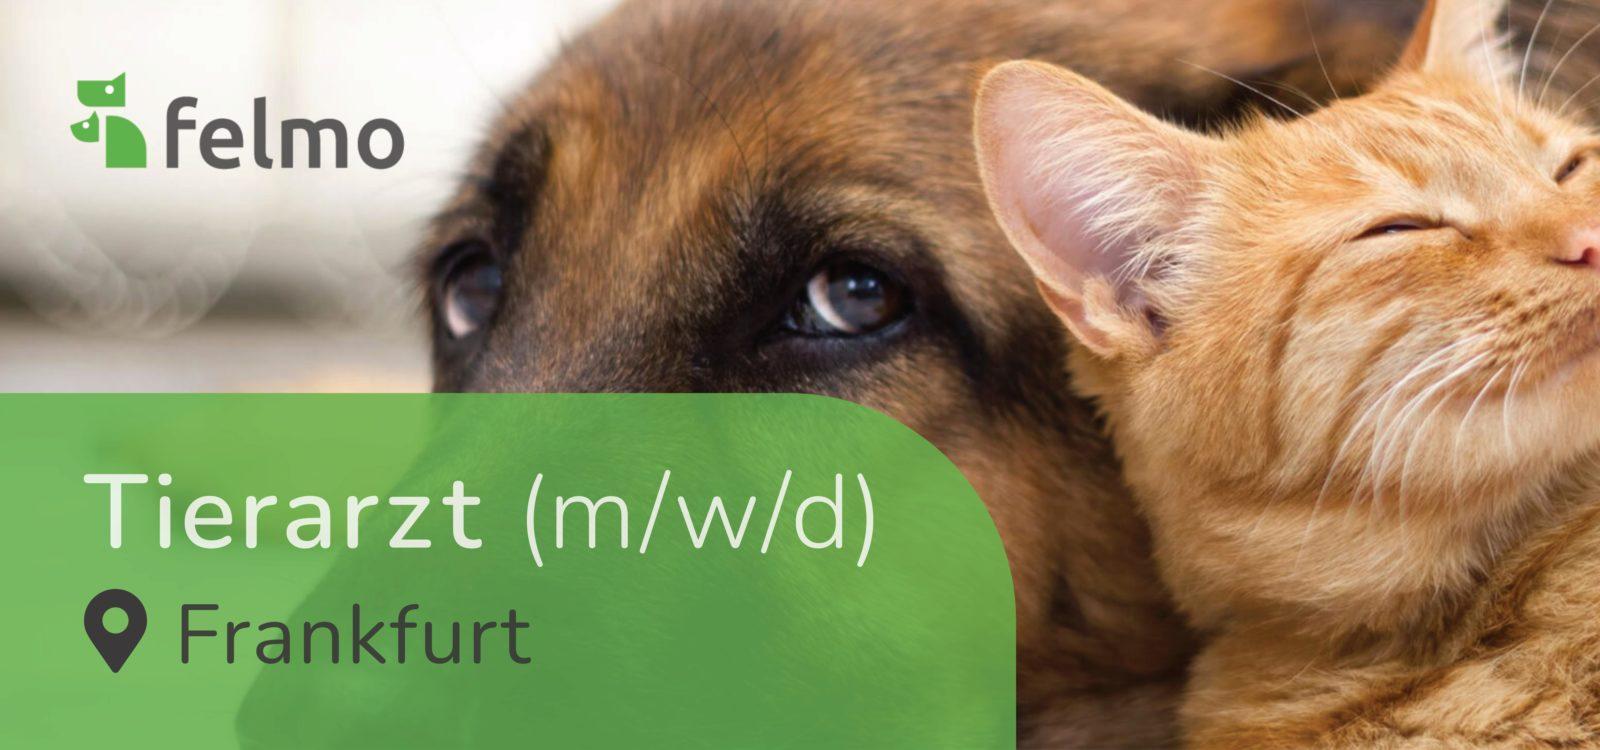 felmo GmbH - Tierärztin/Tierarzt (m/w/d) in Frankfurt gesucht